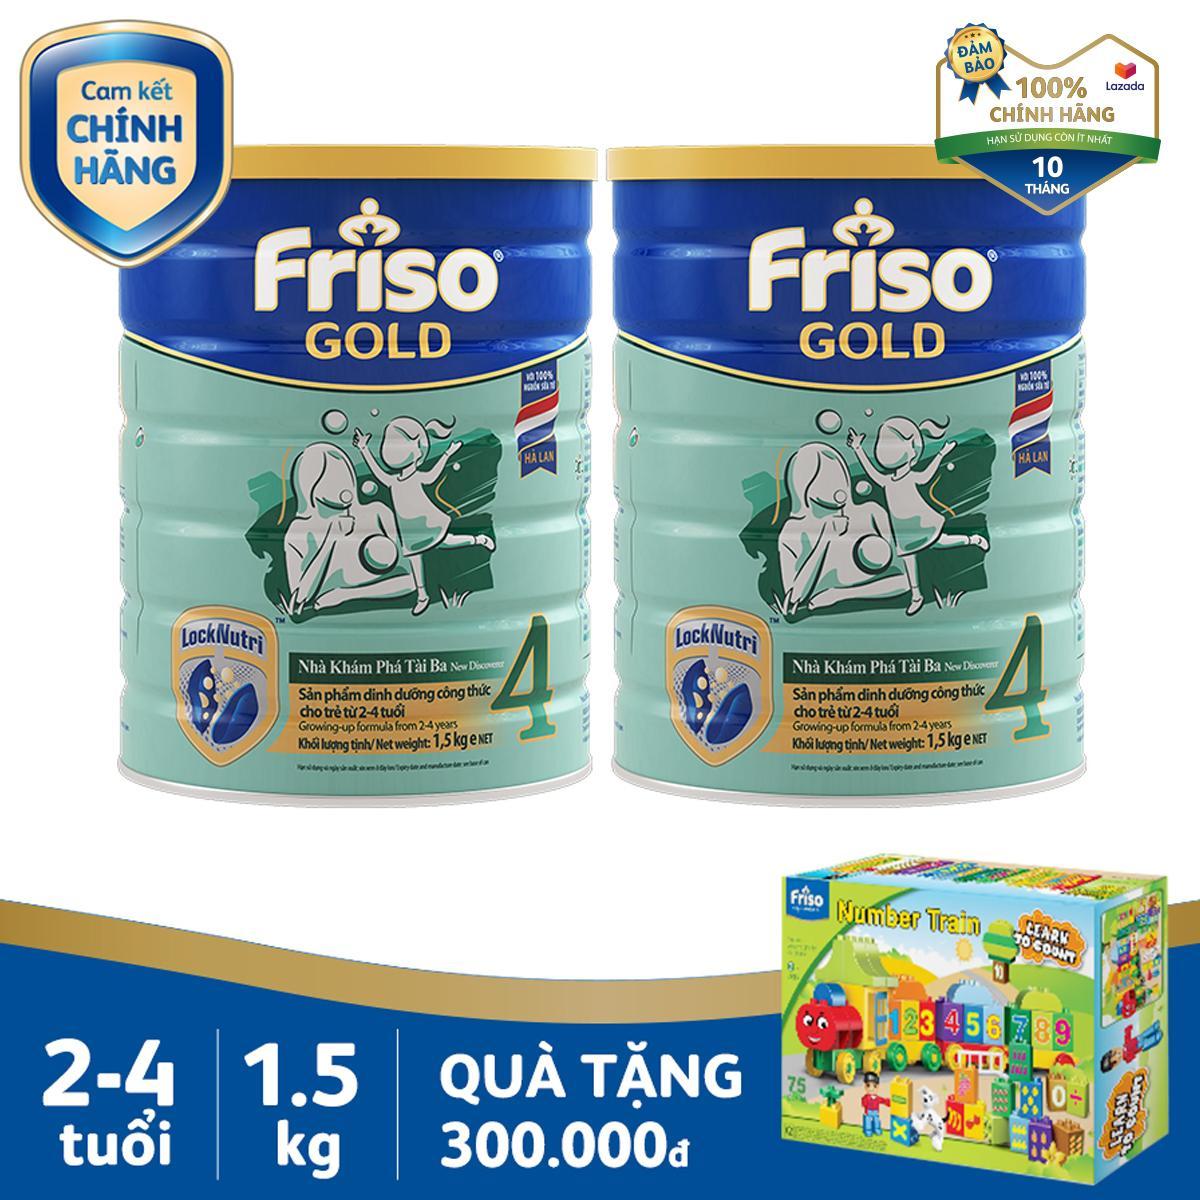 Bộ 2 Lon Sữa Bột Friso Gold 4 1.5kg Cho Trẻ Từ 2-4 Tuổi + Tặng 1 Bộ Xếp Hình Xe Lửa Trị Giá 300k - Cam Kết HSD ít Nhất 10 Tháng Với Giá Sốc